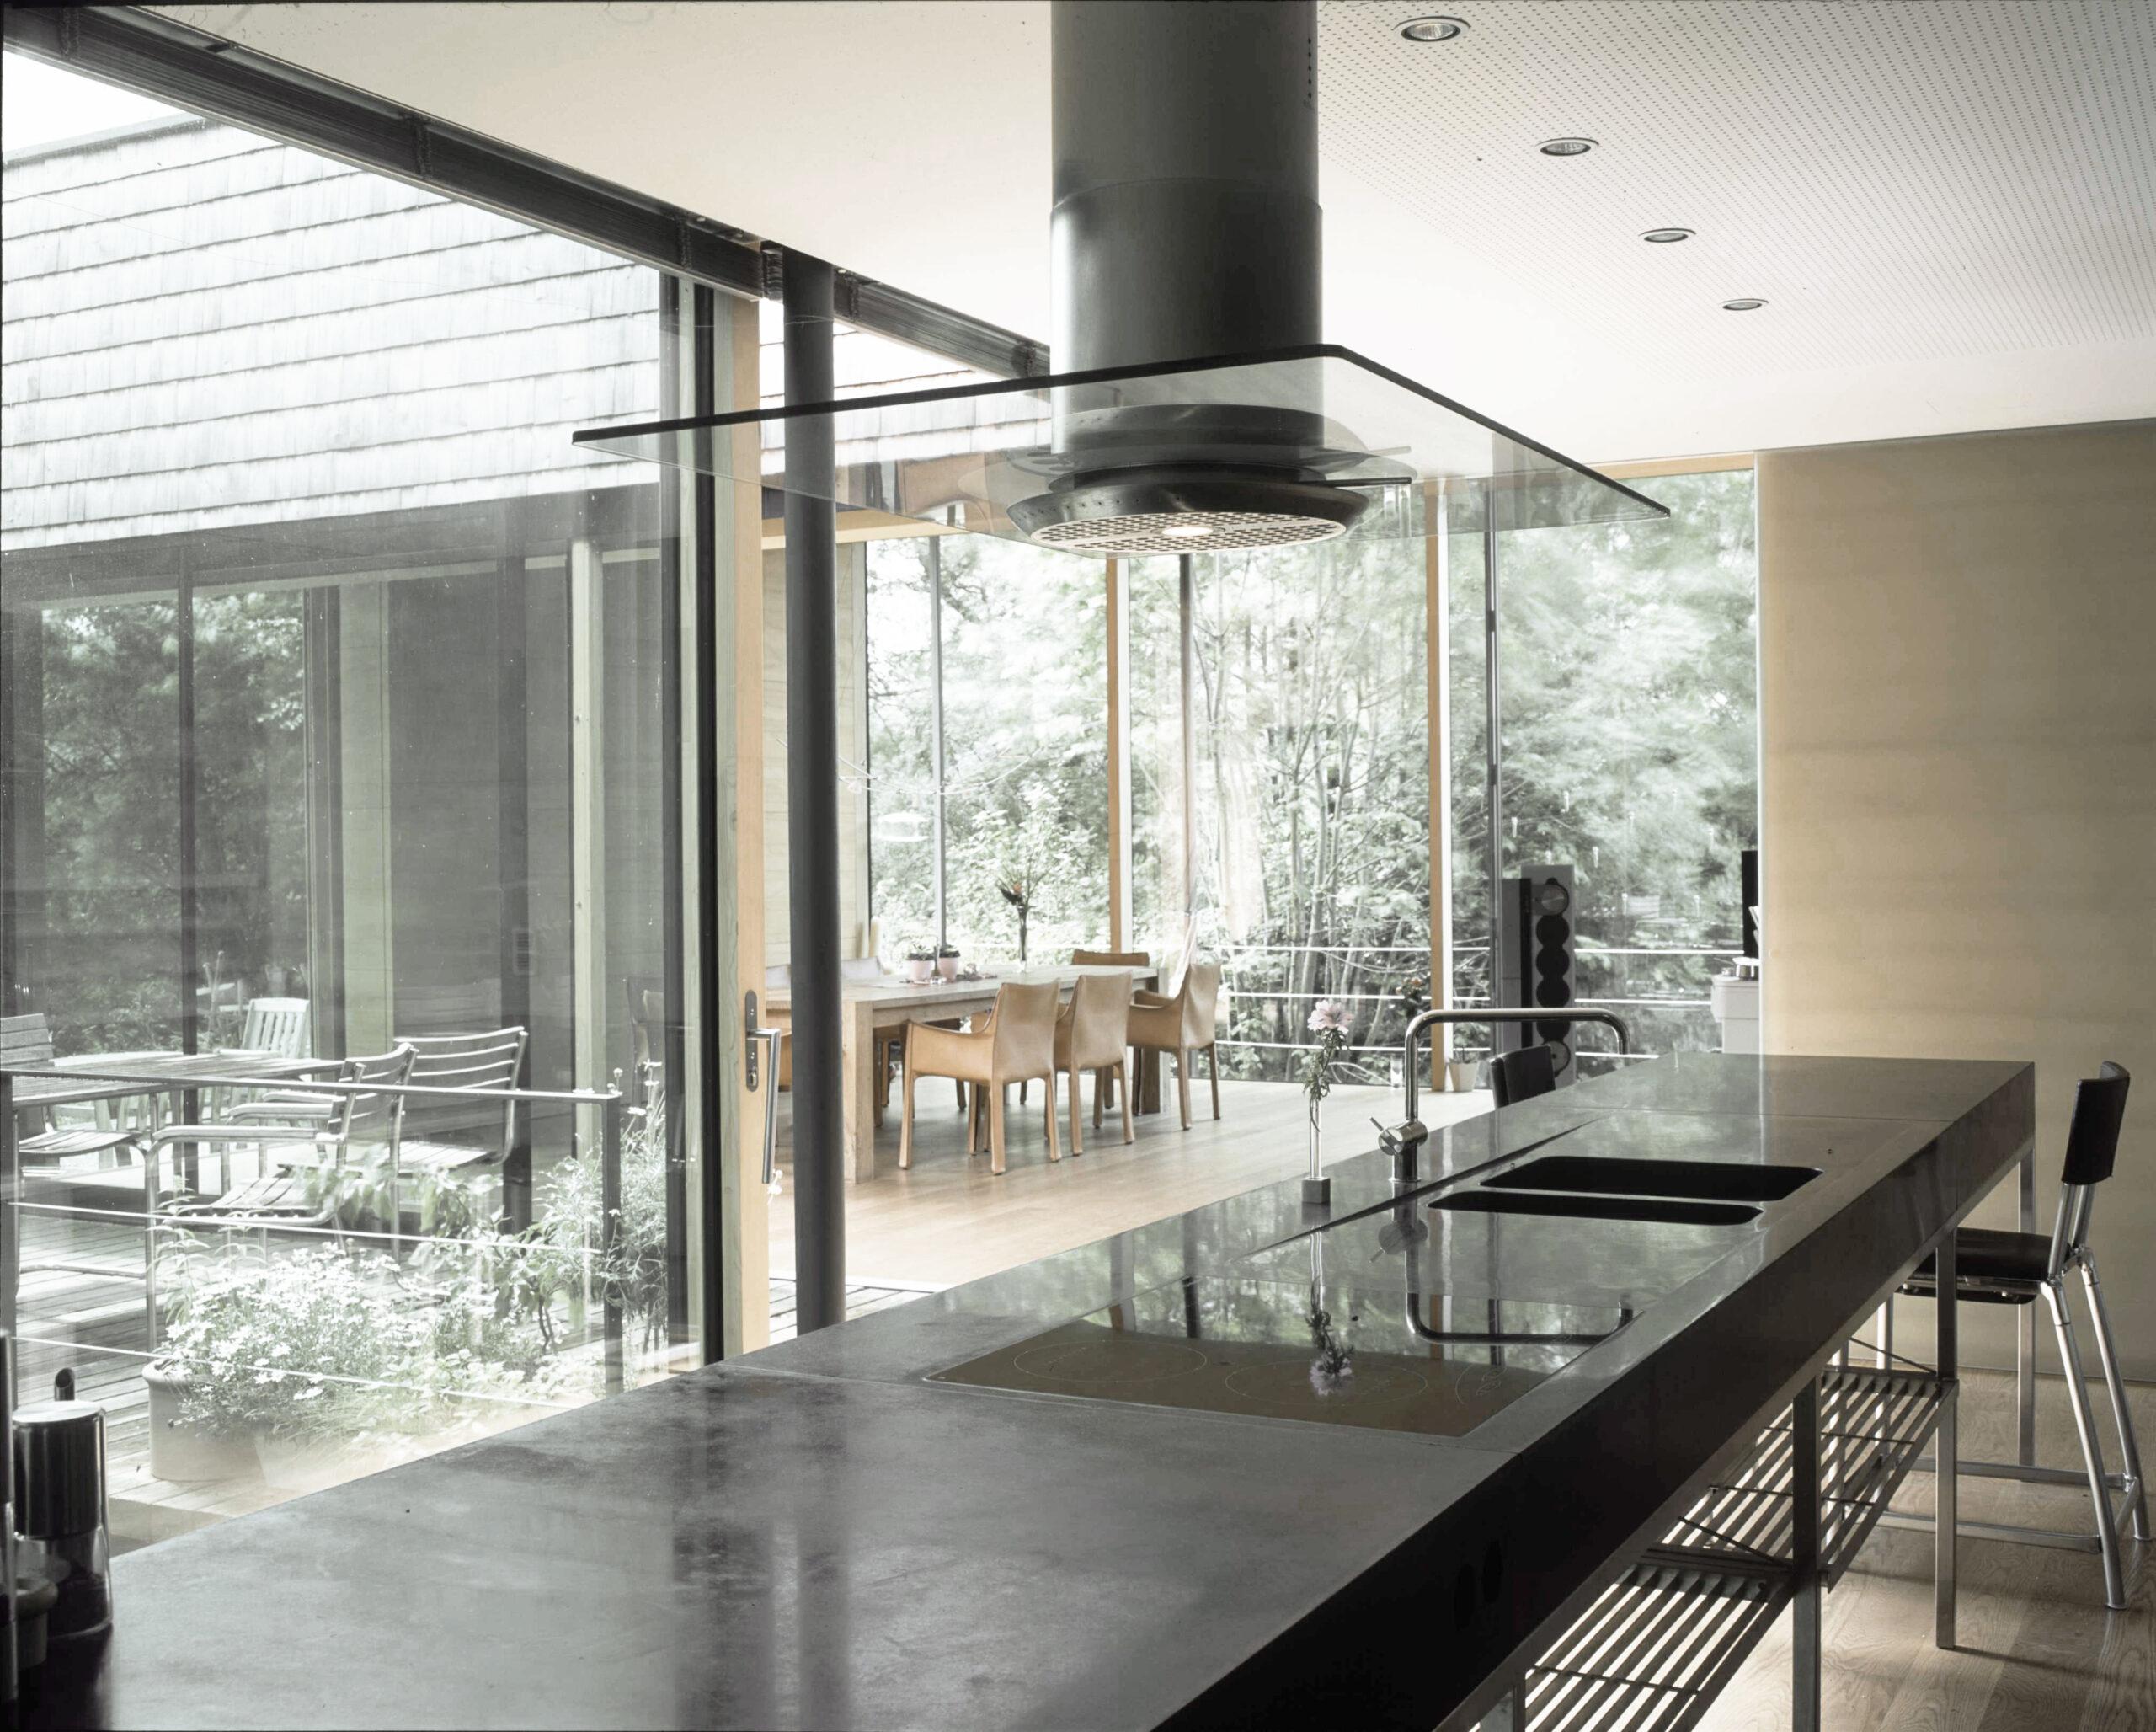 Michael-Becker-Architects-Architekten-Haus-h-04